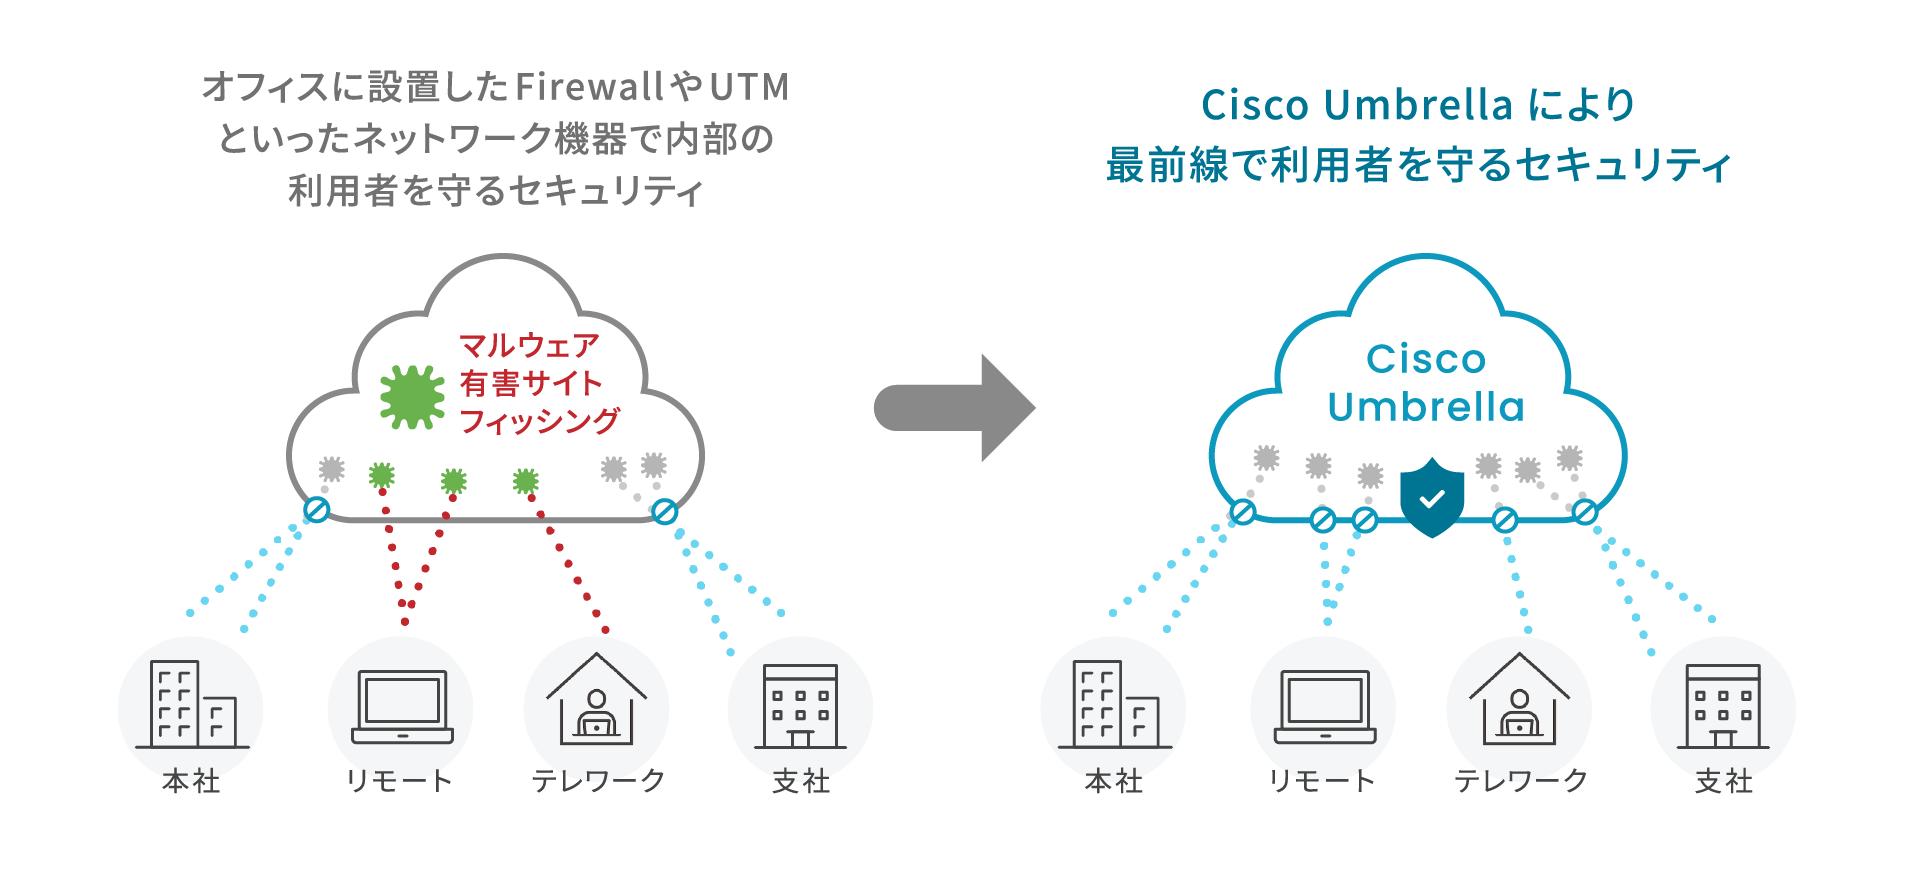 オフィスに設置したFirewallやUTMといったネットワーク機器で内部の利用者を守るセキュリティ→CiscoUmbrellaにより最前線で利用者を守るセキュリティ